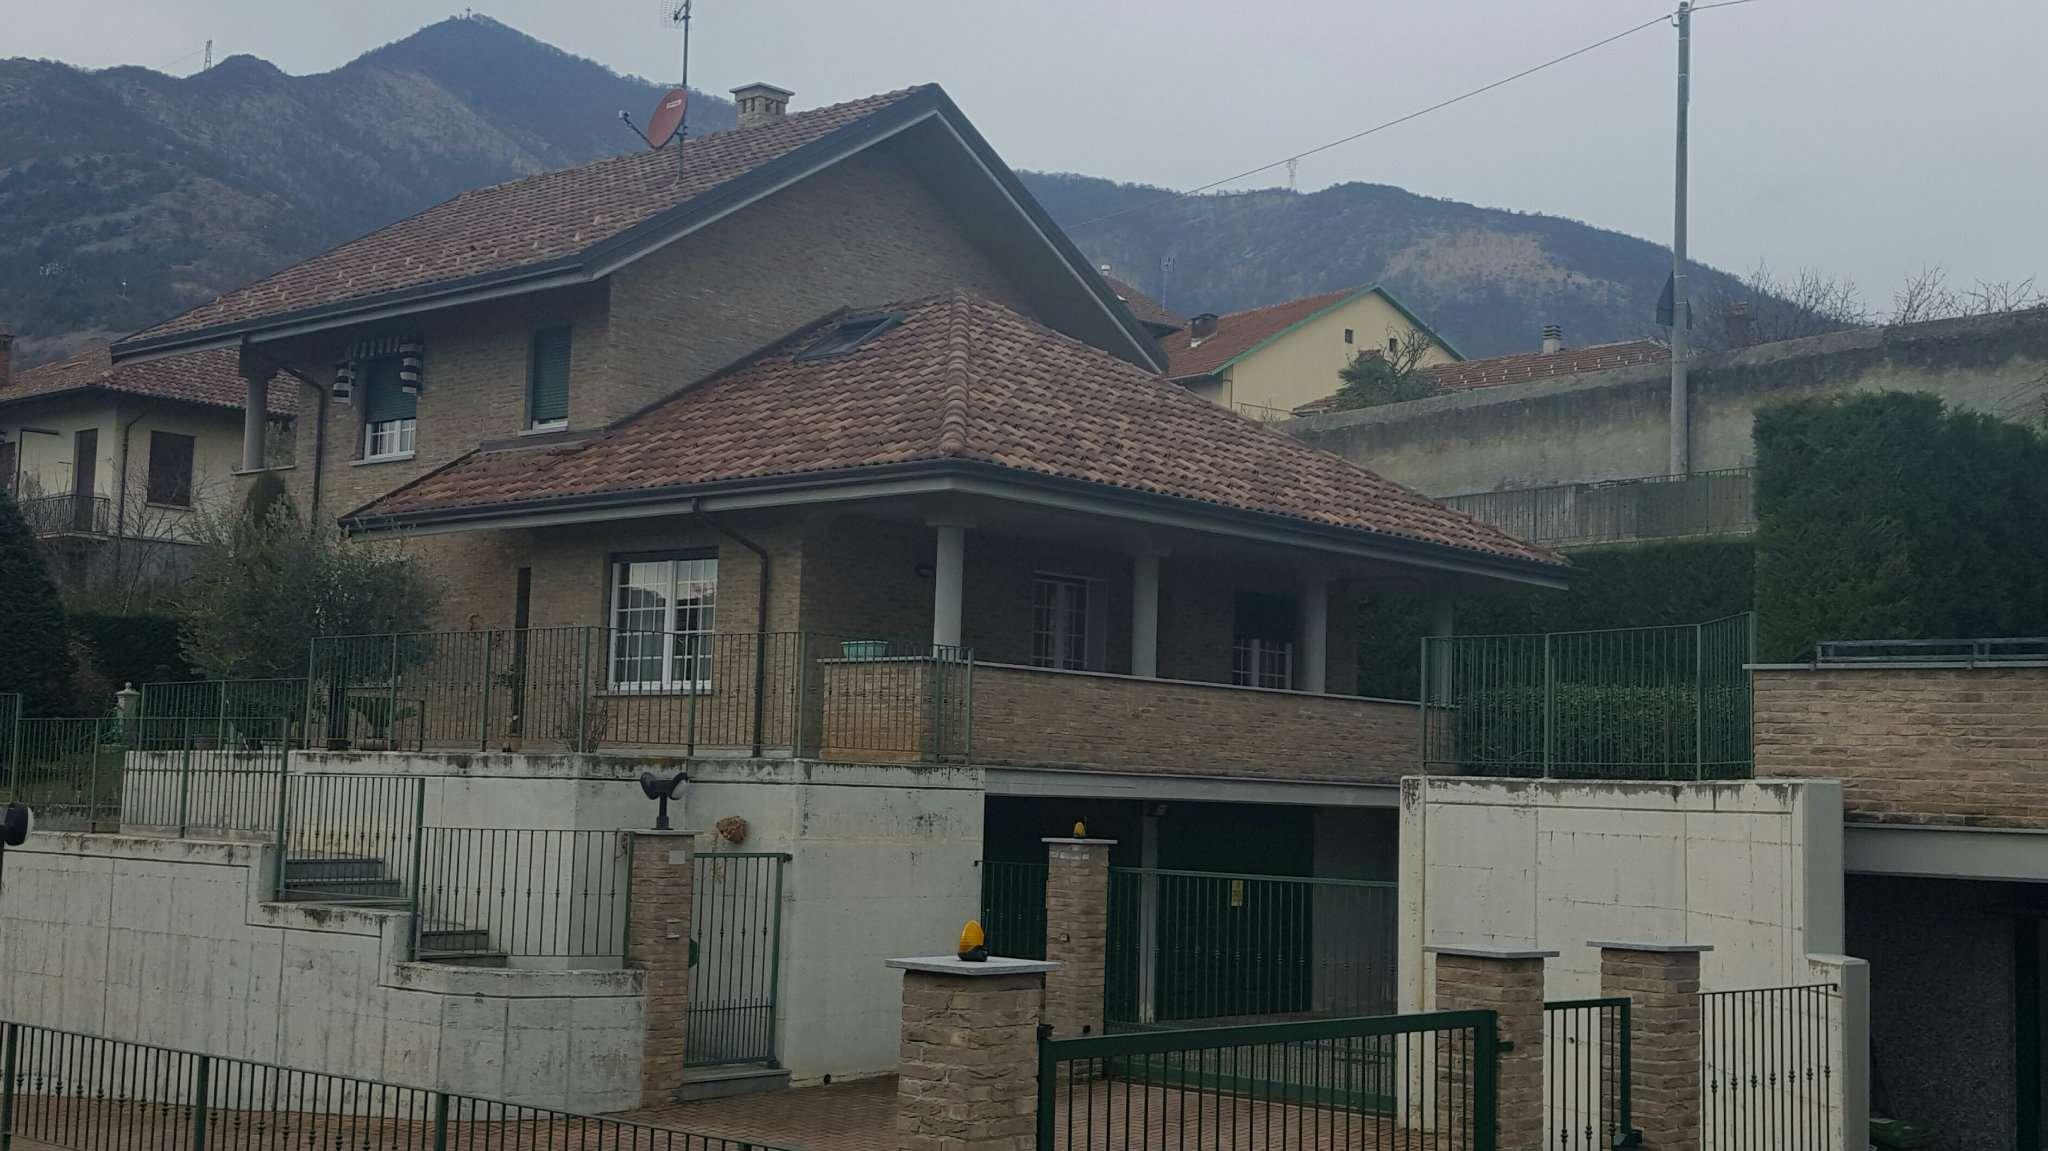 Villa in vendita a Caselette, 10 locali, prezzo € 460.000 | CambioCasa.it